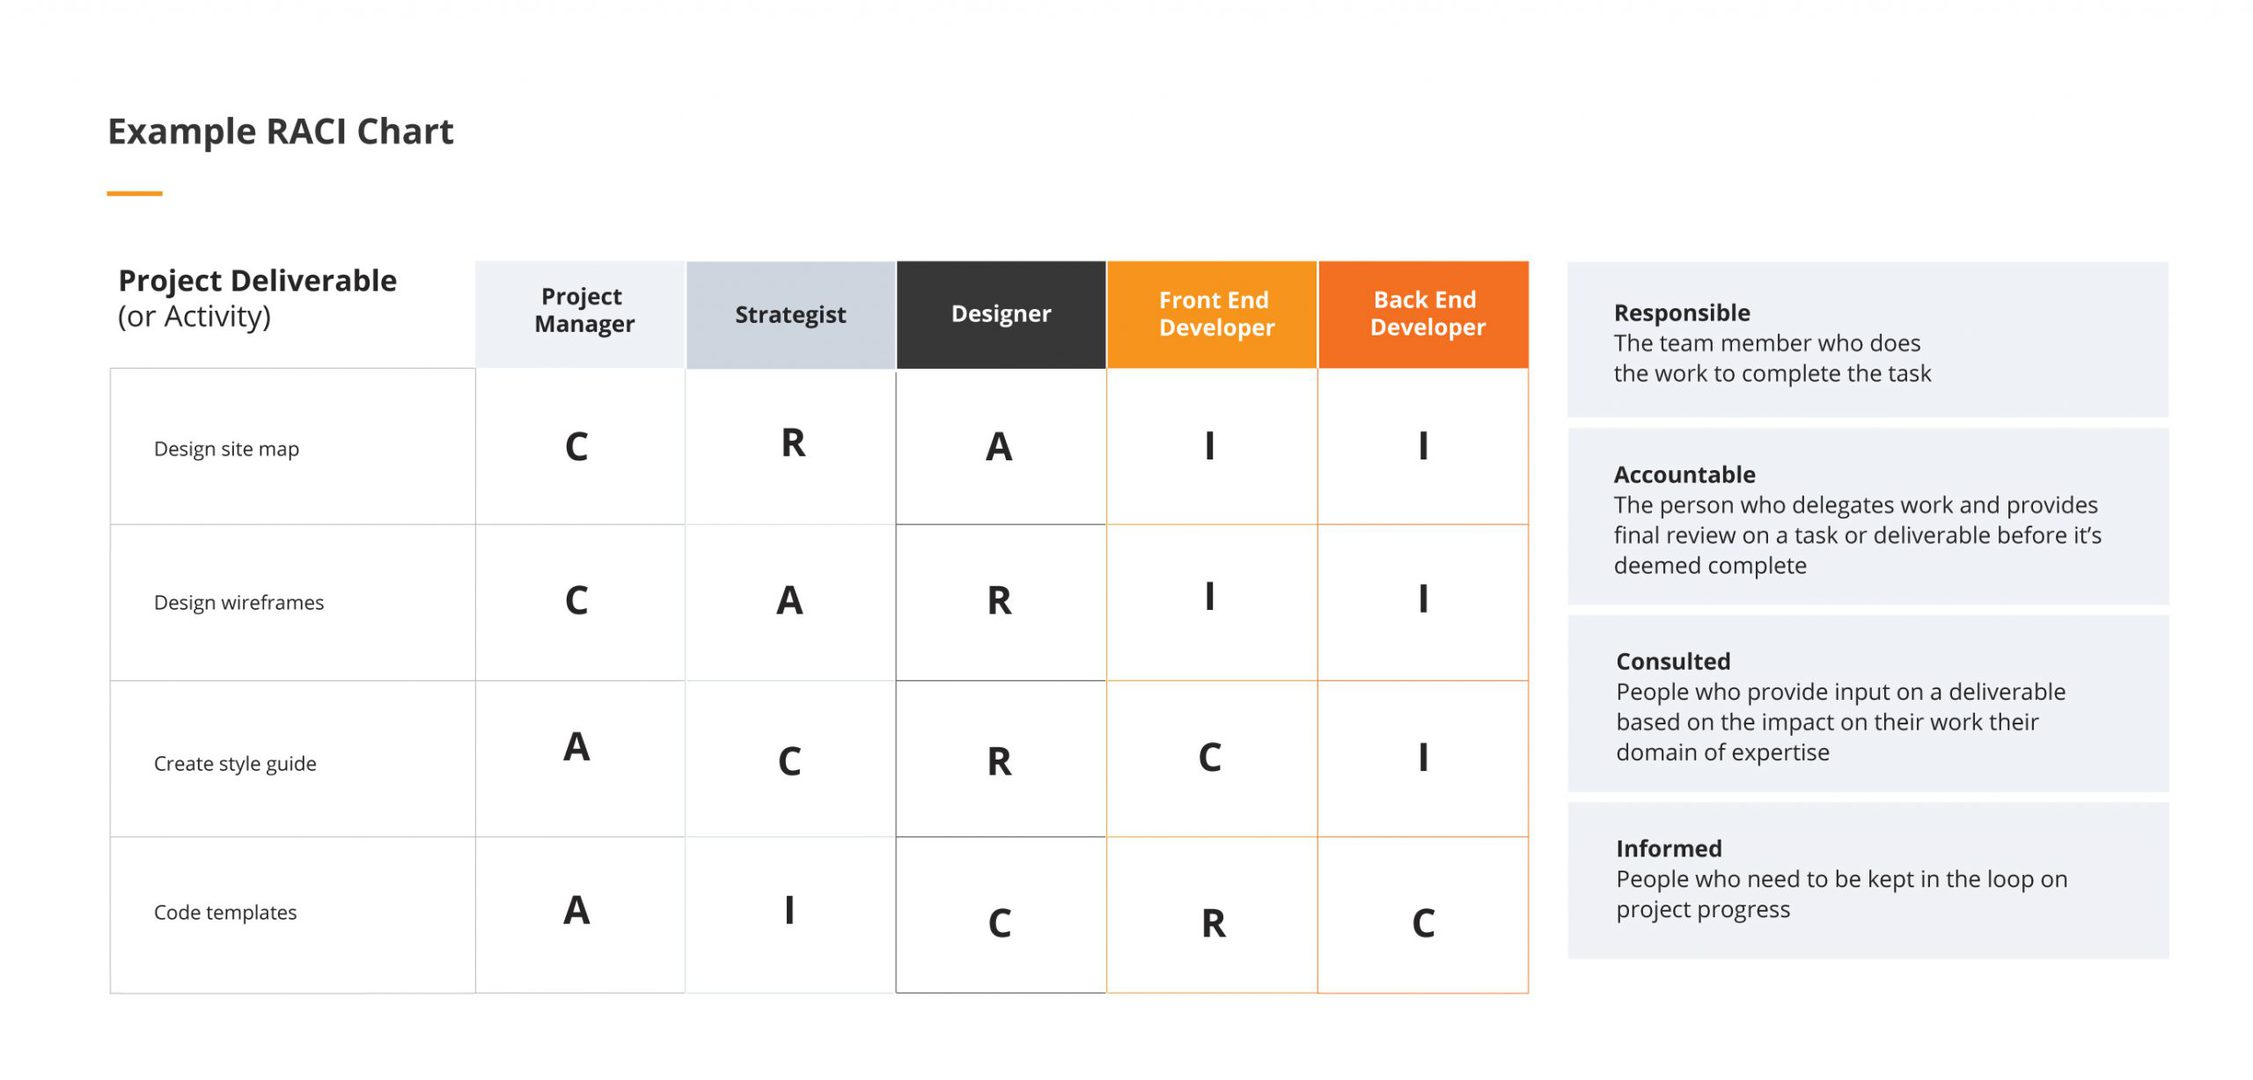 Example RACI Chart